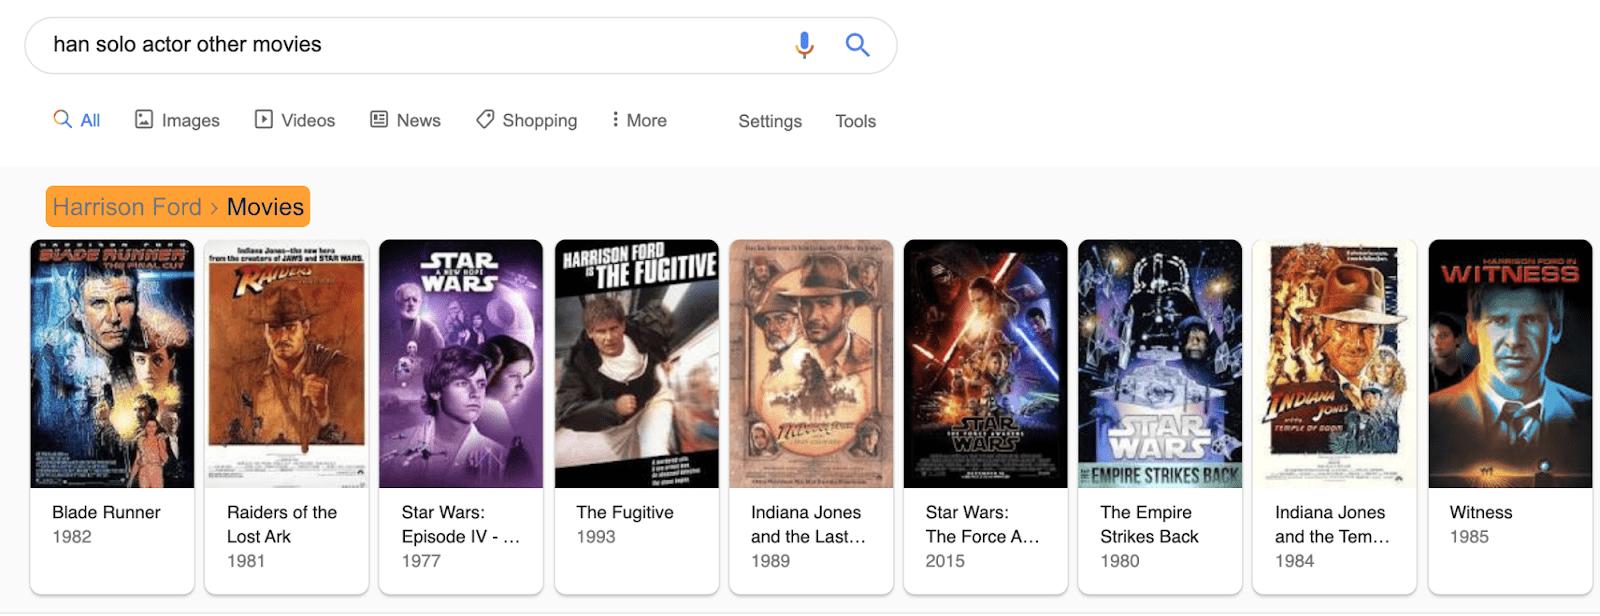 1 films solo han 1